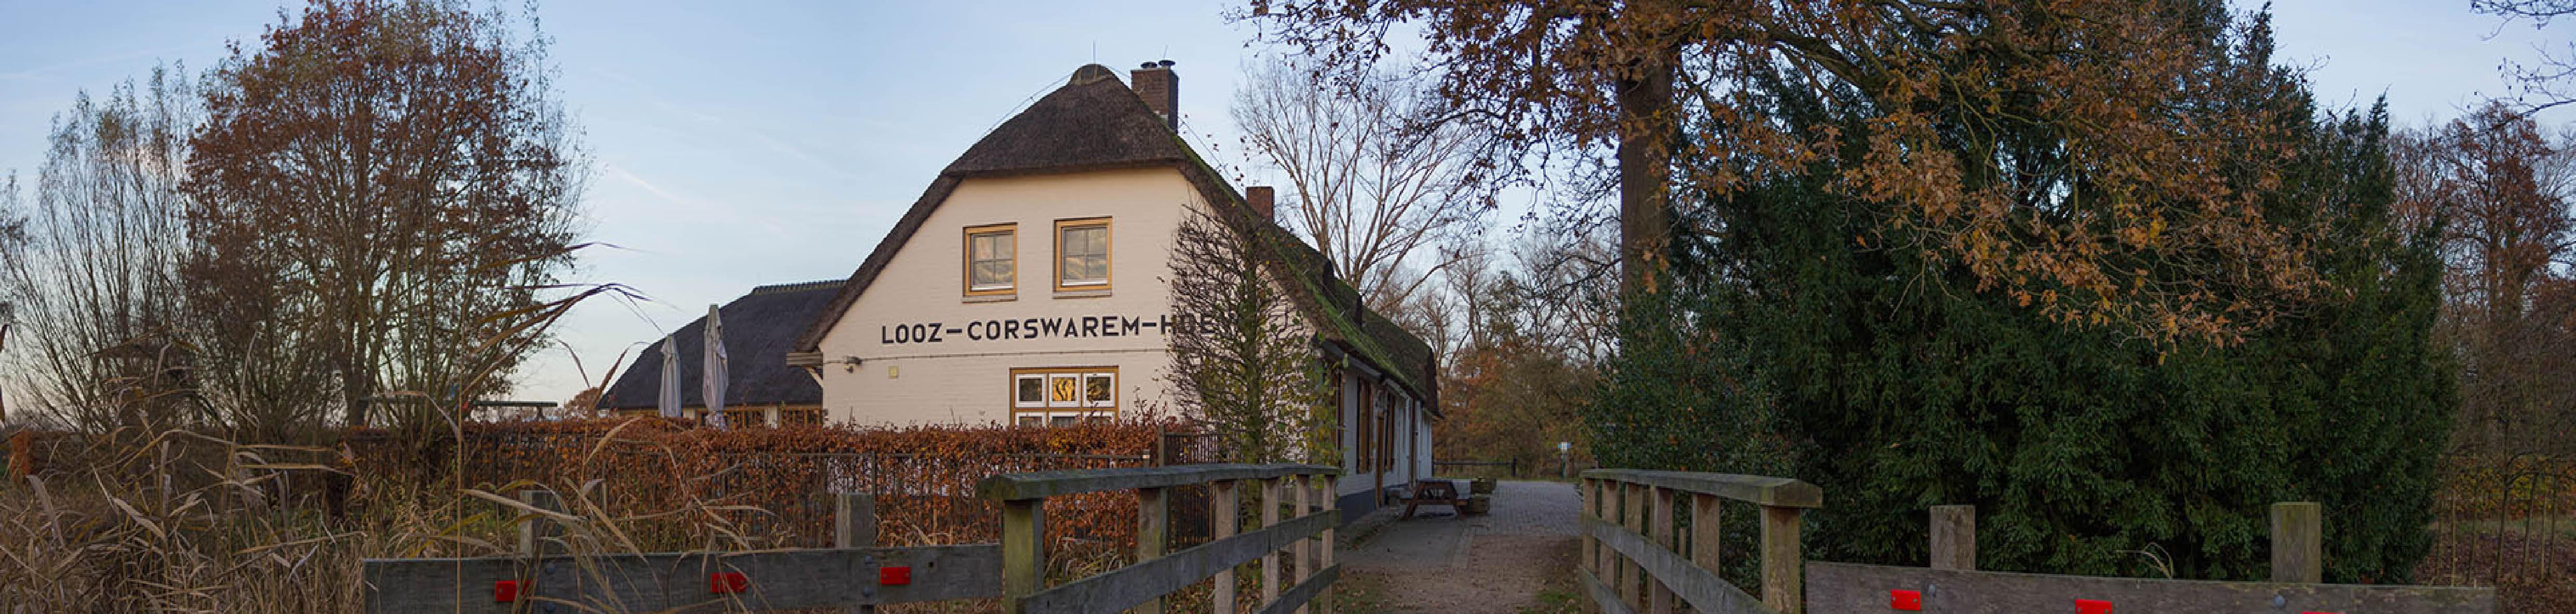 Looz Corswarem Hoeve